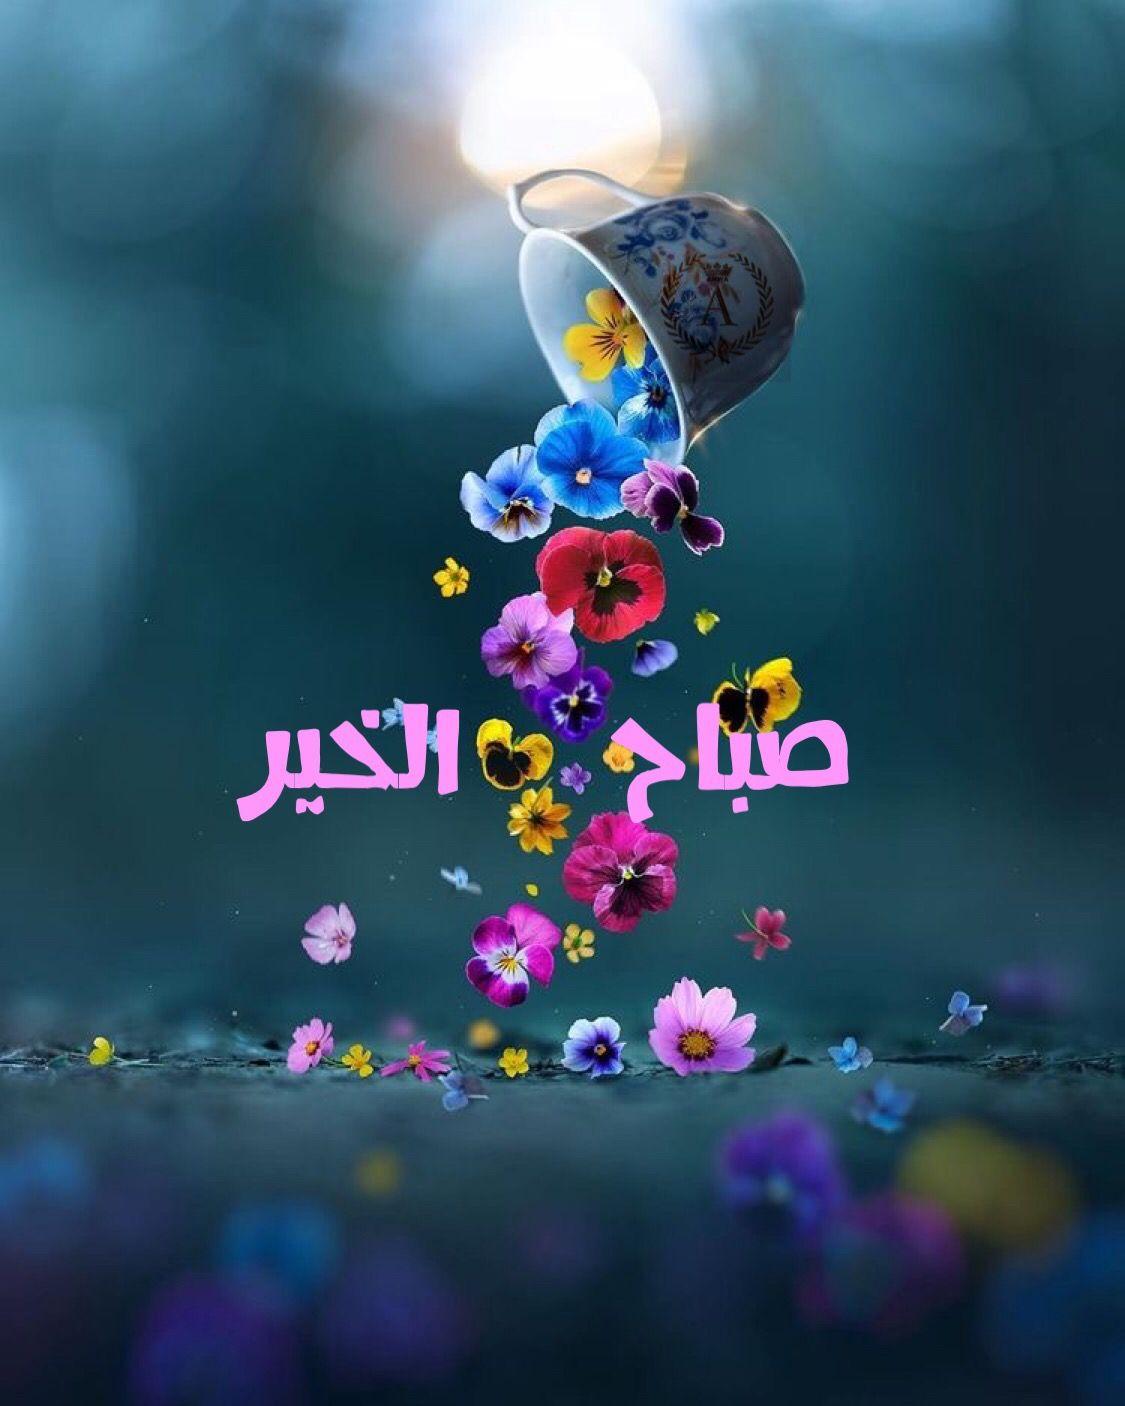 صباح الخير Beautiful Morning Messages Good Morning Cards Good Morning Arabic